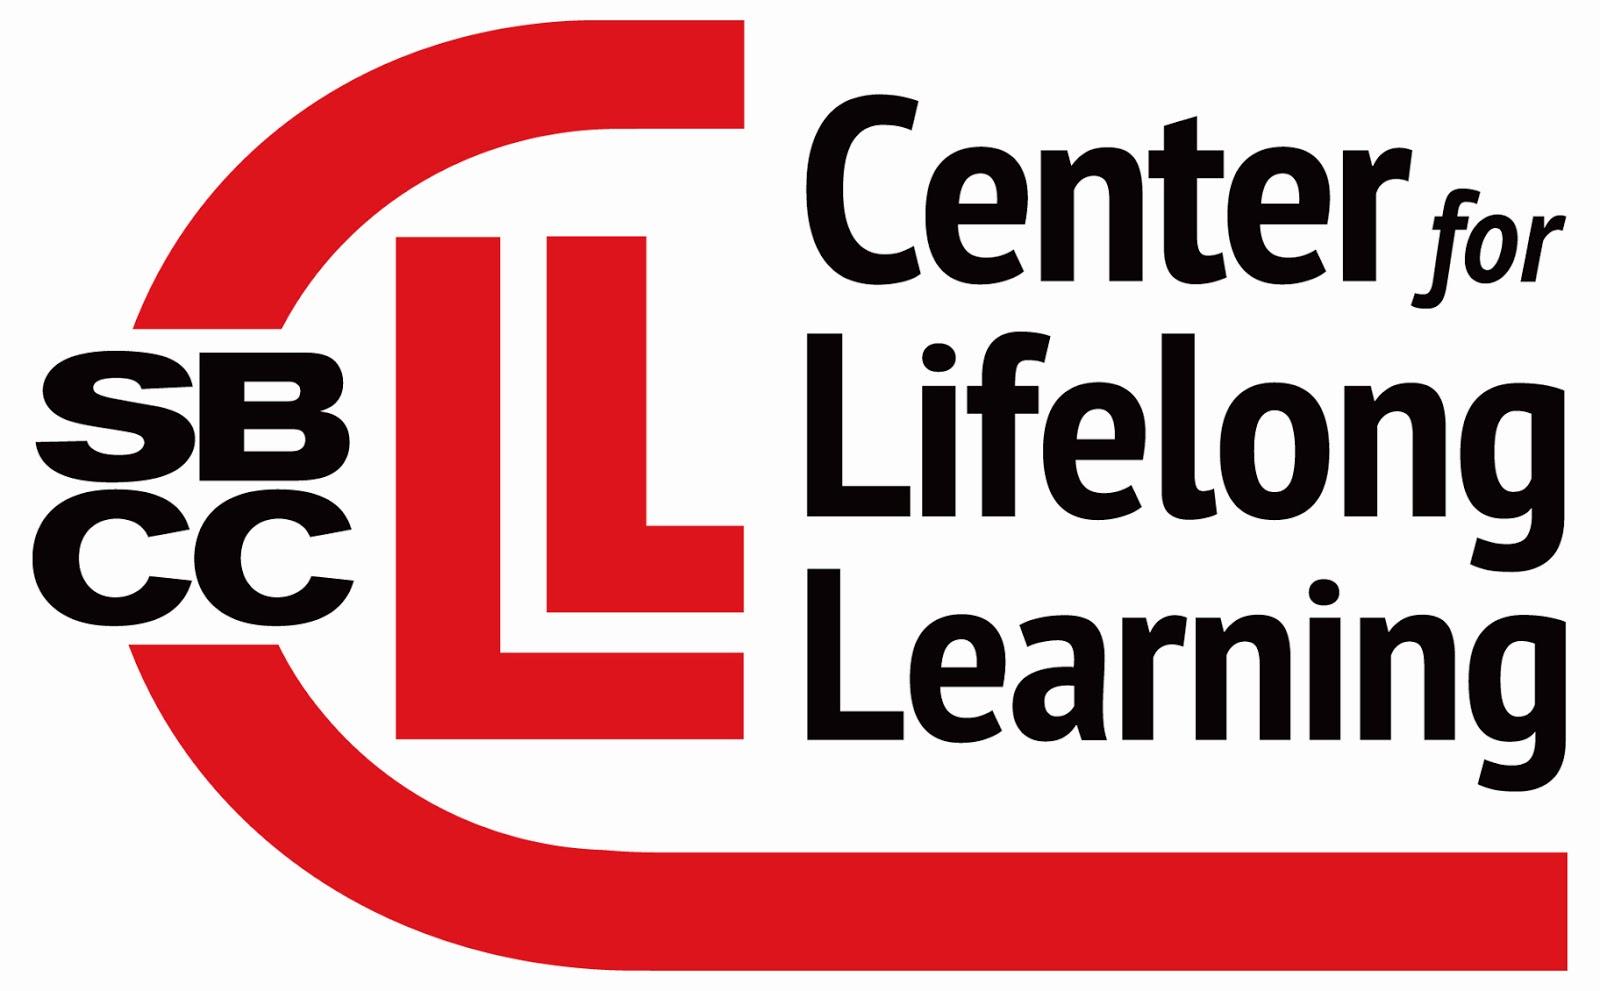 SBCC-center-for-lifelong-learning